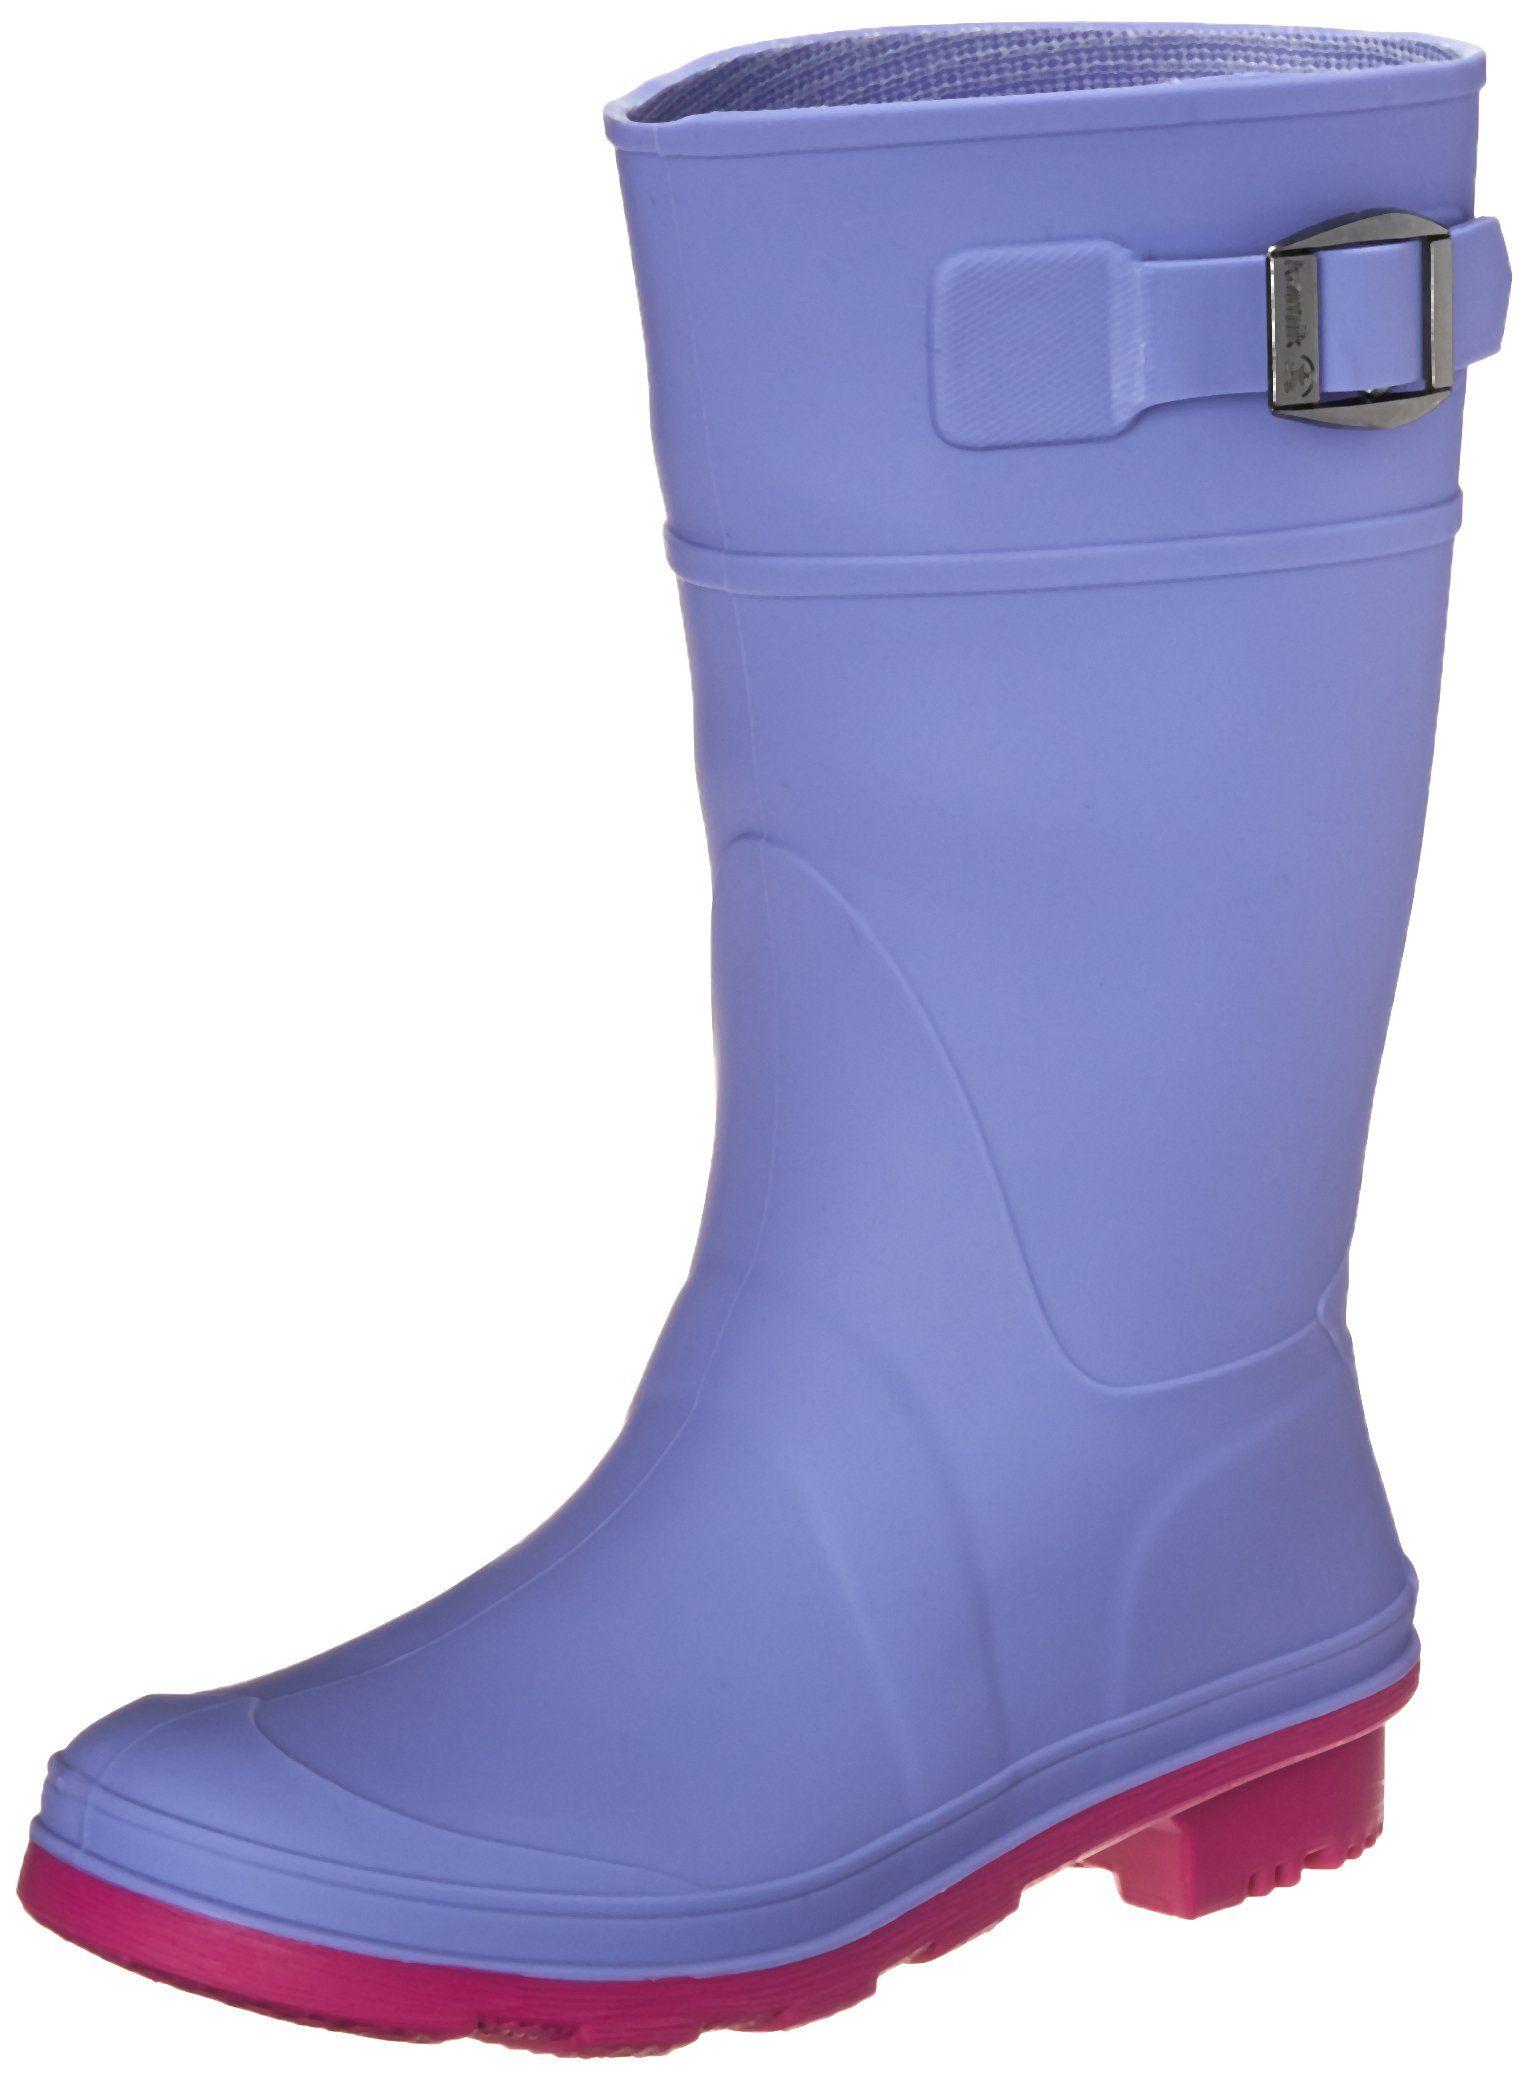 Kamik Kids Raindrops Rain Boot